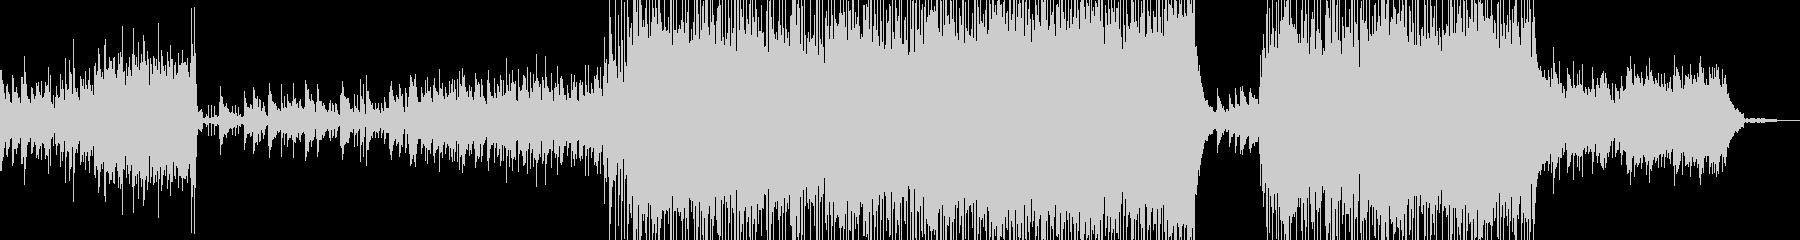 ▶J-POP系バンドバラードミスチル風?の未再生の波形